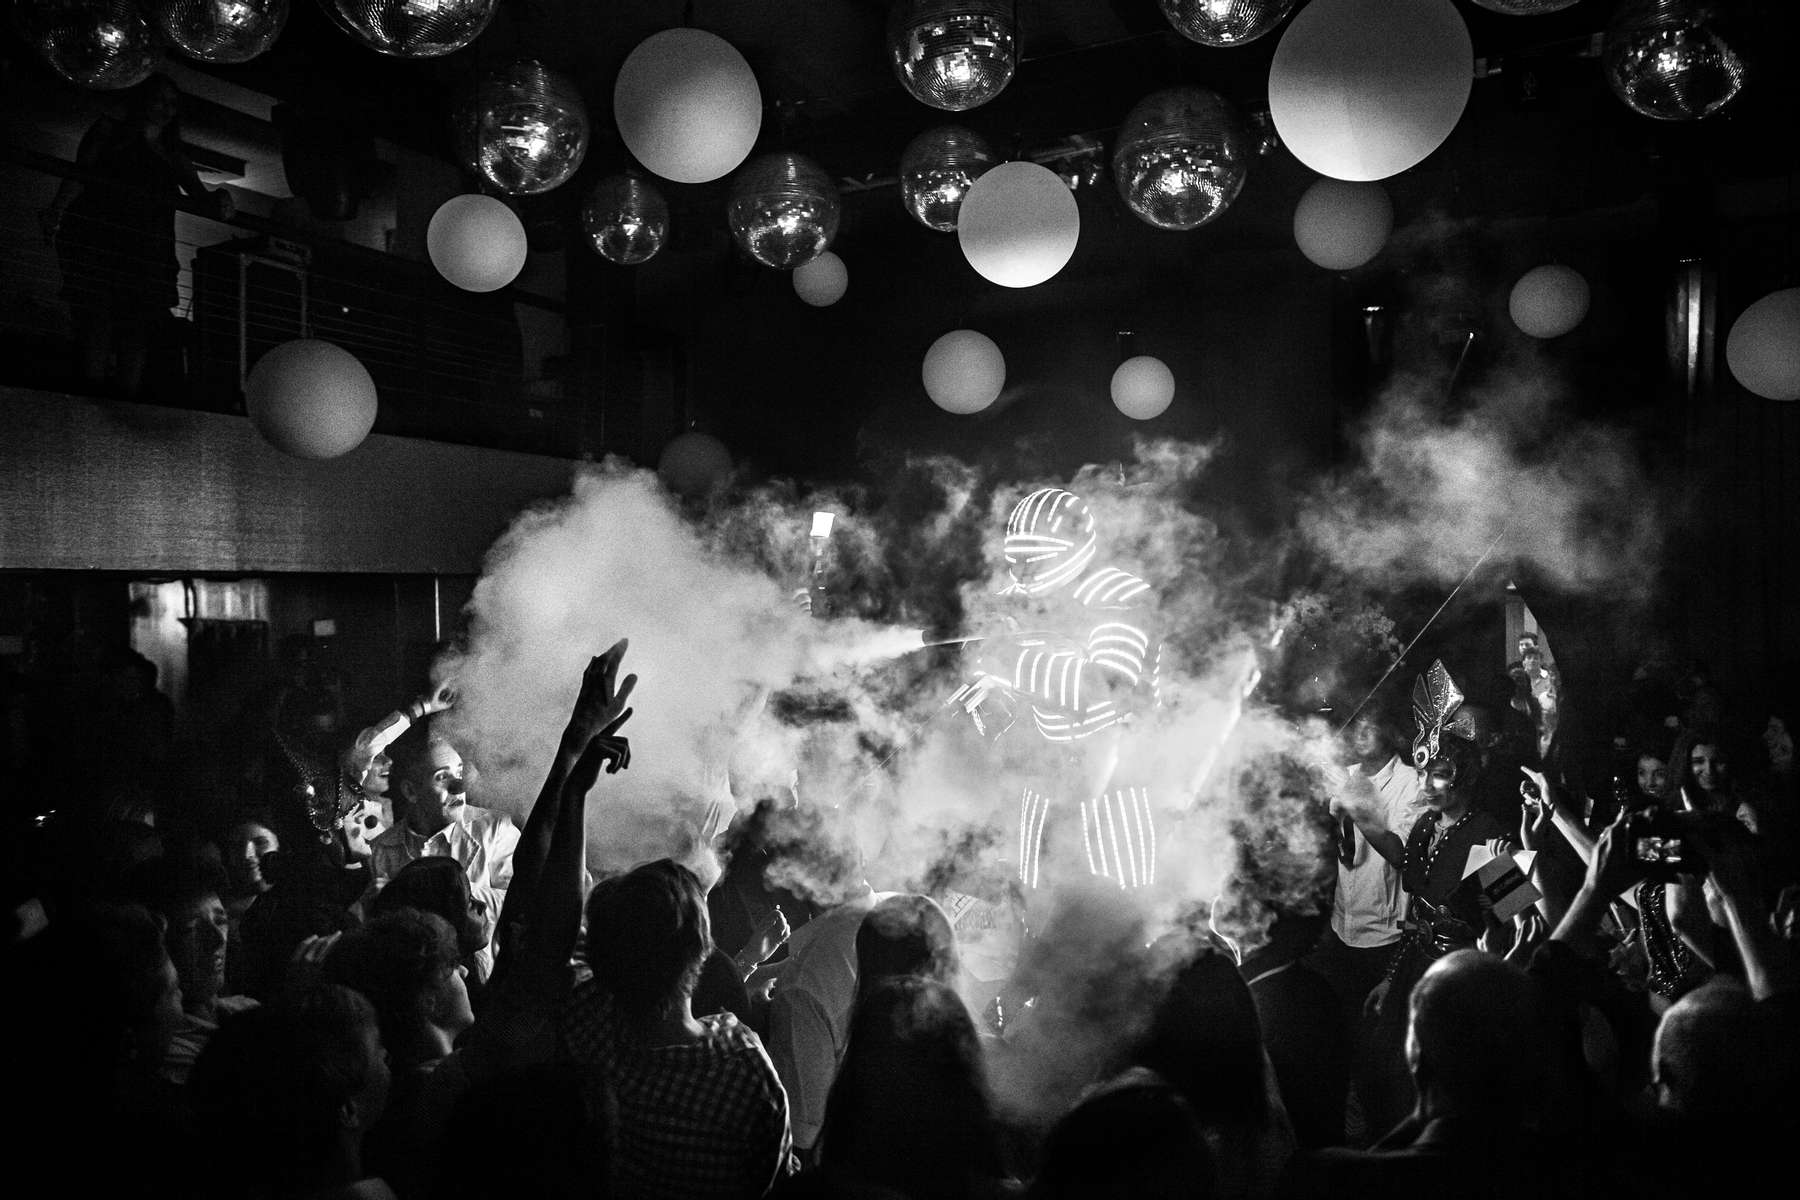 Un 'LED-Robot' dispara dióxido de carbono mientras se dirige a la pista de baile de una fiesta temática del {quote}Cirque du Soleil{quote}, en Río de Janeiro, Brasil, el 9 de noviembre de 2013.La fiesta de las Quinceañeras es la celebración del decimoquinto cumpleaños de un adolescente, que se celebra de una manera completamente diferente a cualquier otro cumpleaños y representa la transición de una niña a una mujer adulta. Grandes cantidades de dinero se gastan anualmente en Brasil en estas celebraciones.